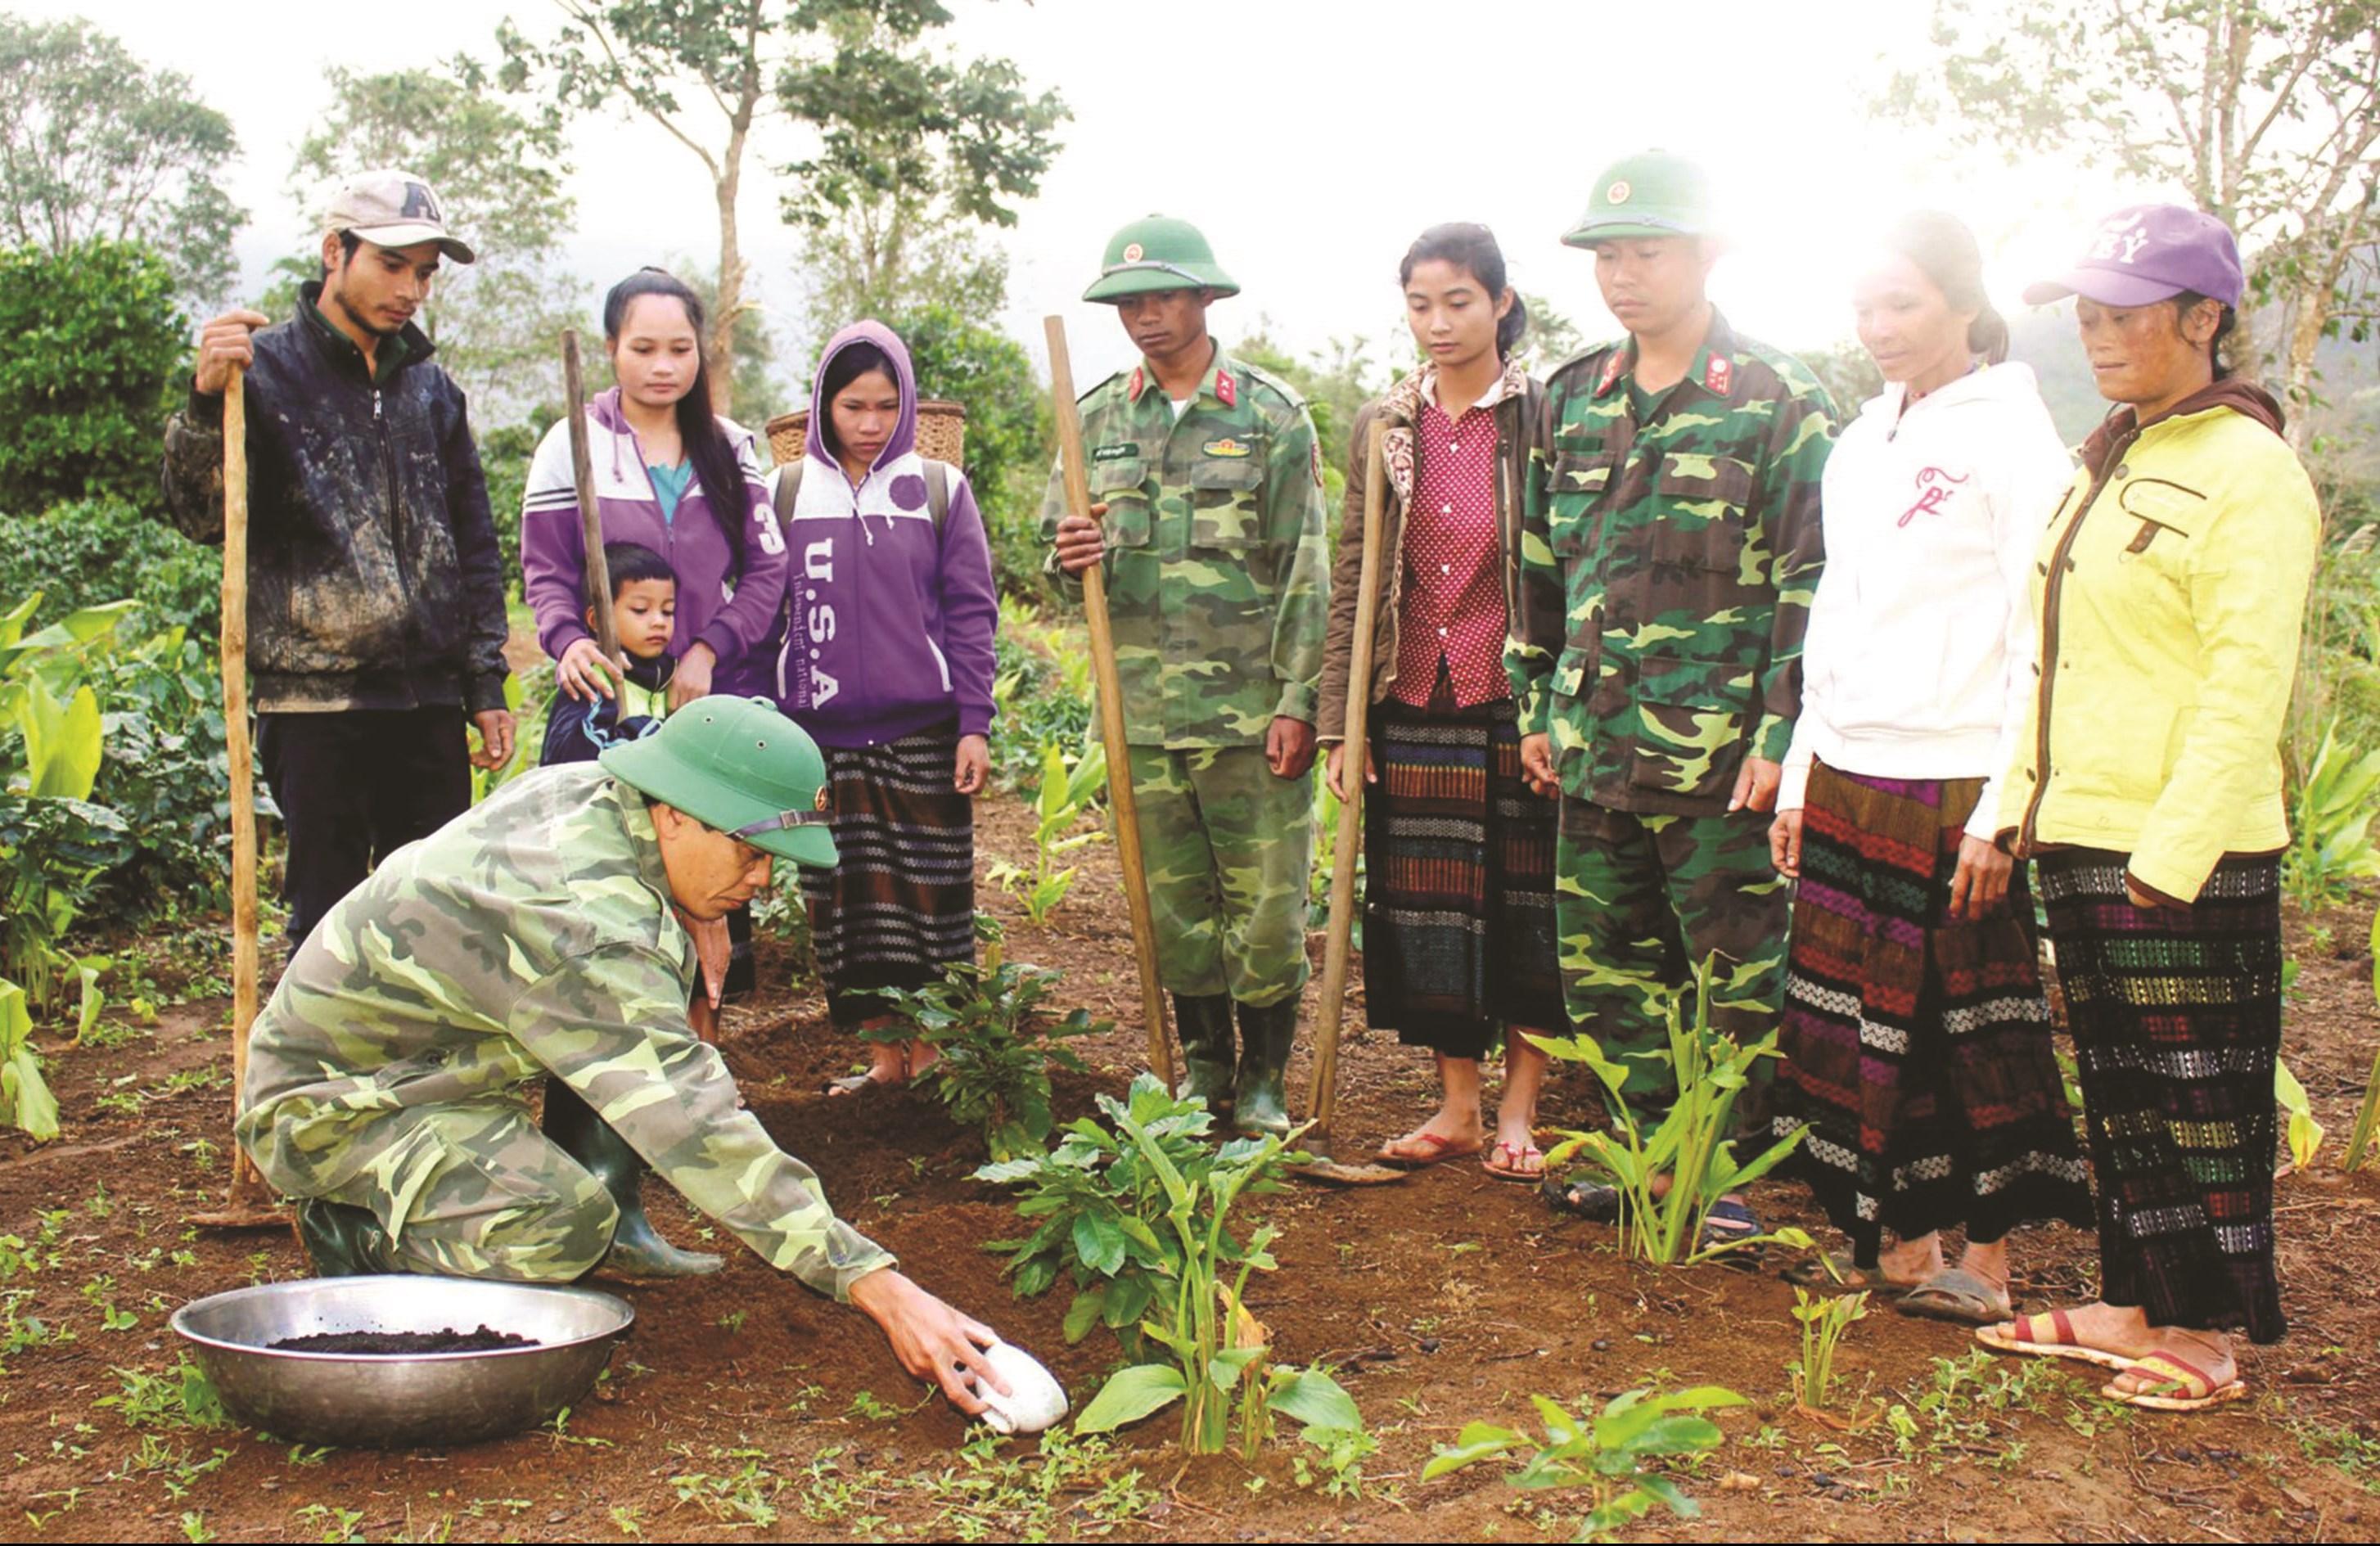 Bà con Bru - Vân Kiều huyện Đakrông học kỹ thuật trồng cây cà phê. (Ảnh tư liệu)